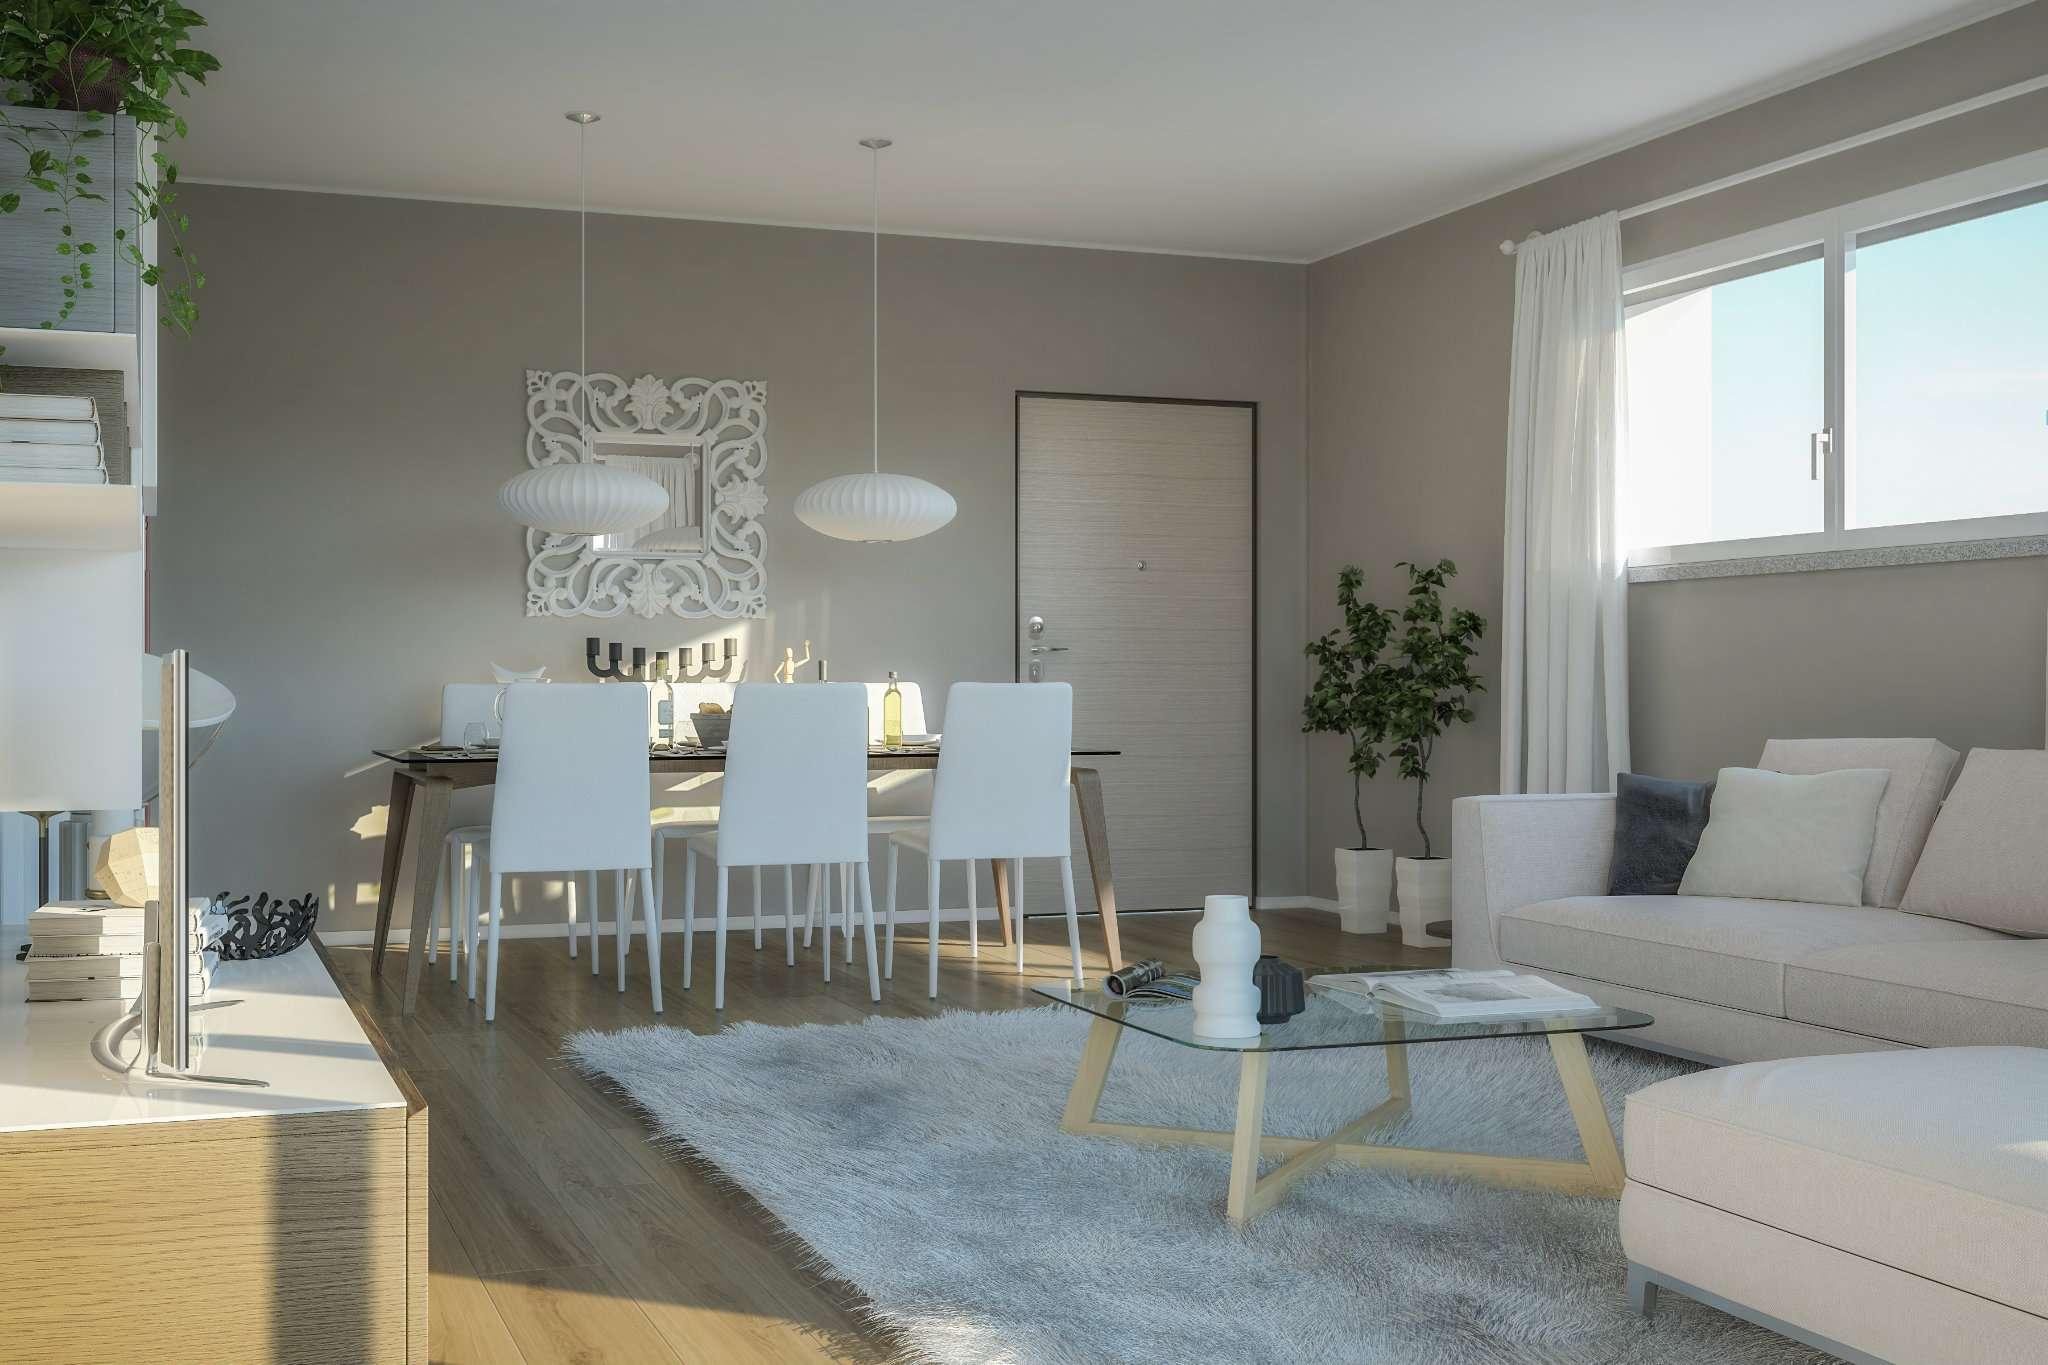 Appartamento in vendita a Varallo, 2 locali, prezzo € 207.000 | PortaleAgenzieImmobiliari.it